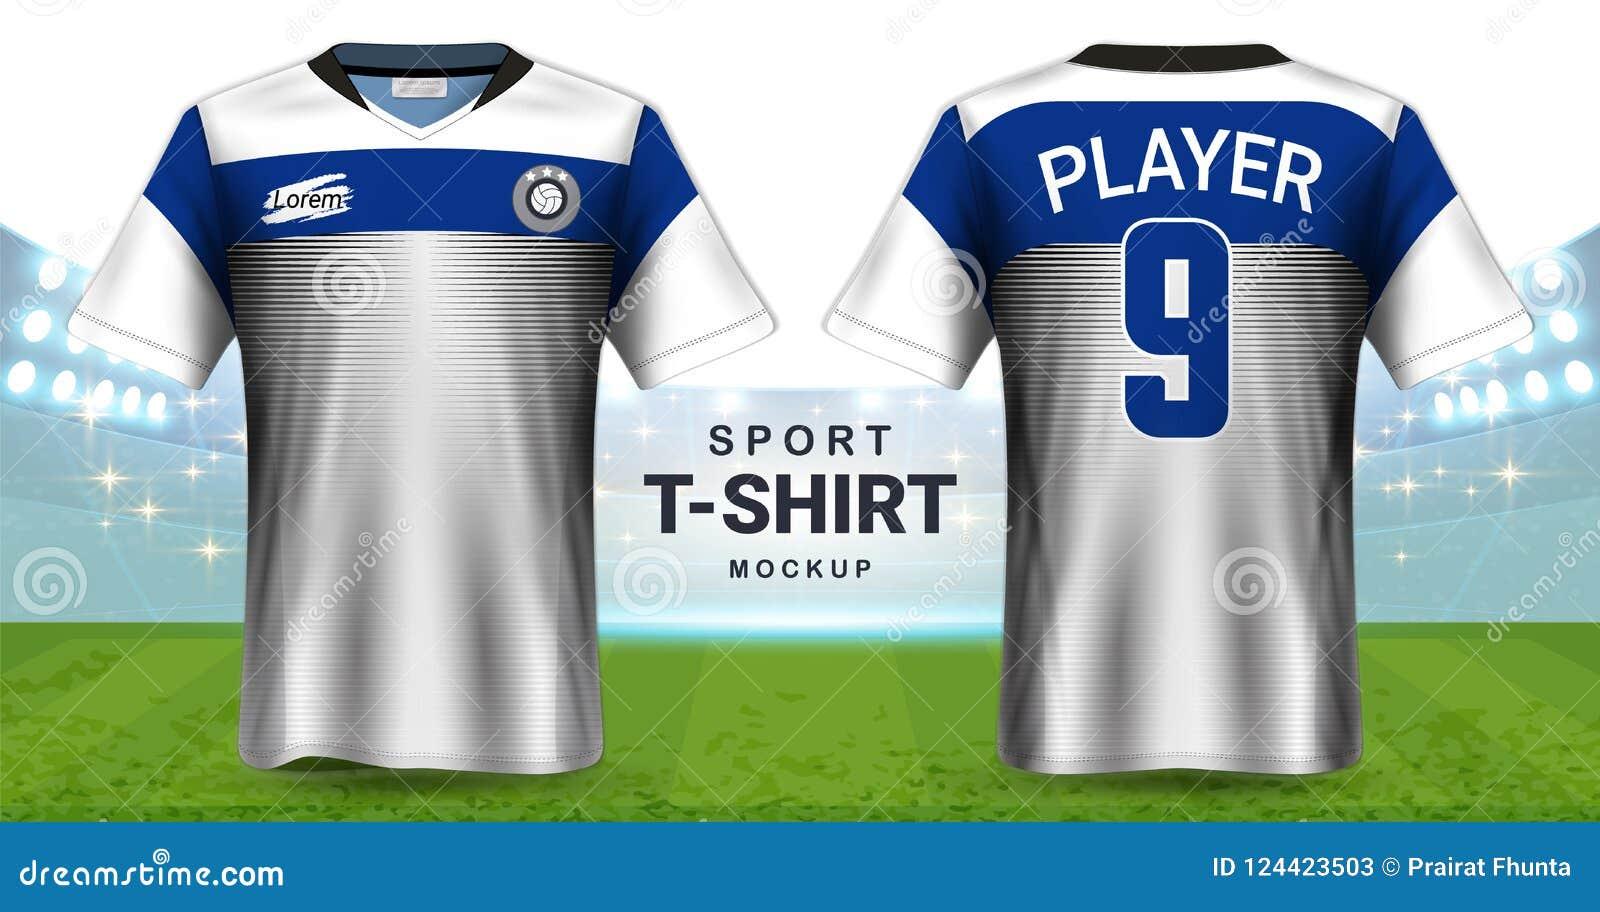 Fußball Jersey und Sportkleidungs-T-Shirt Modell-Schablone, realistisches Grafikdesign-vordere und hintere Ansicht für Fußball Ki